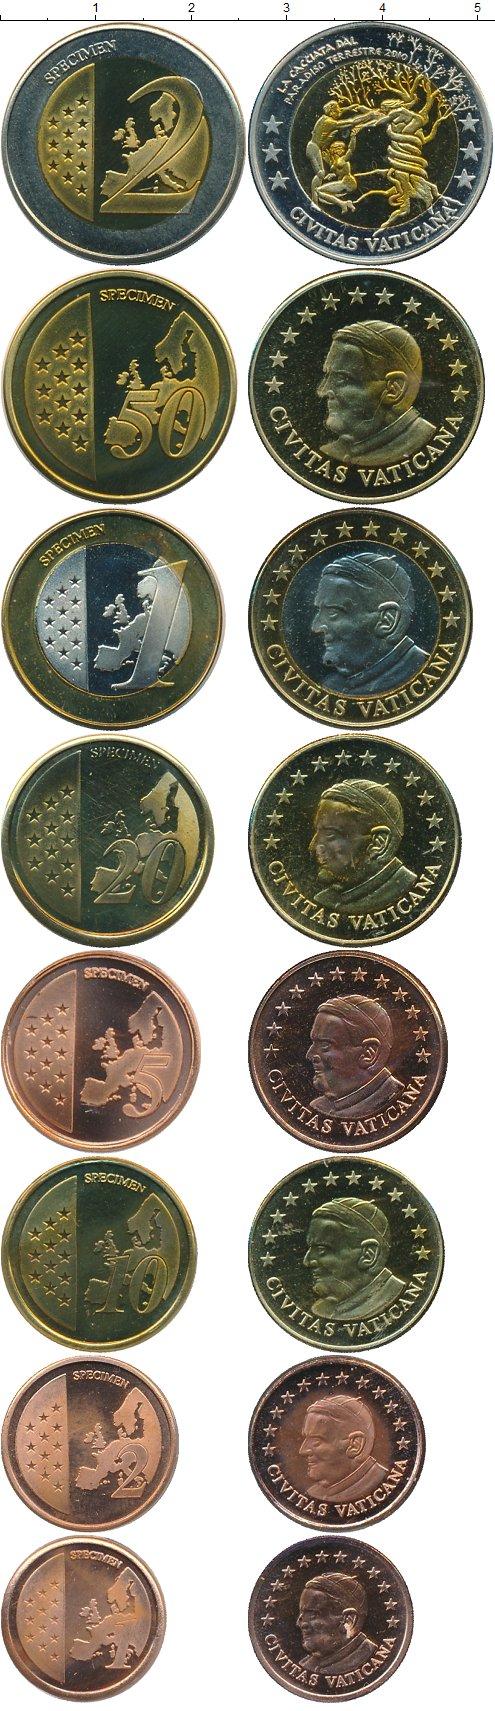 Картинка Подарочные монеты Ватикан Европроба 2010 года  2010